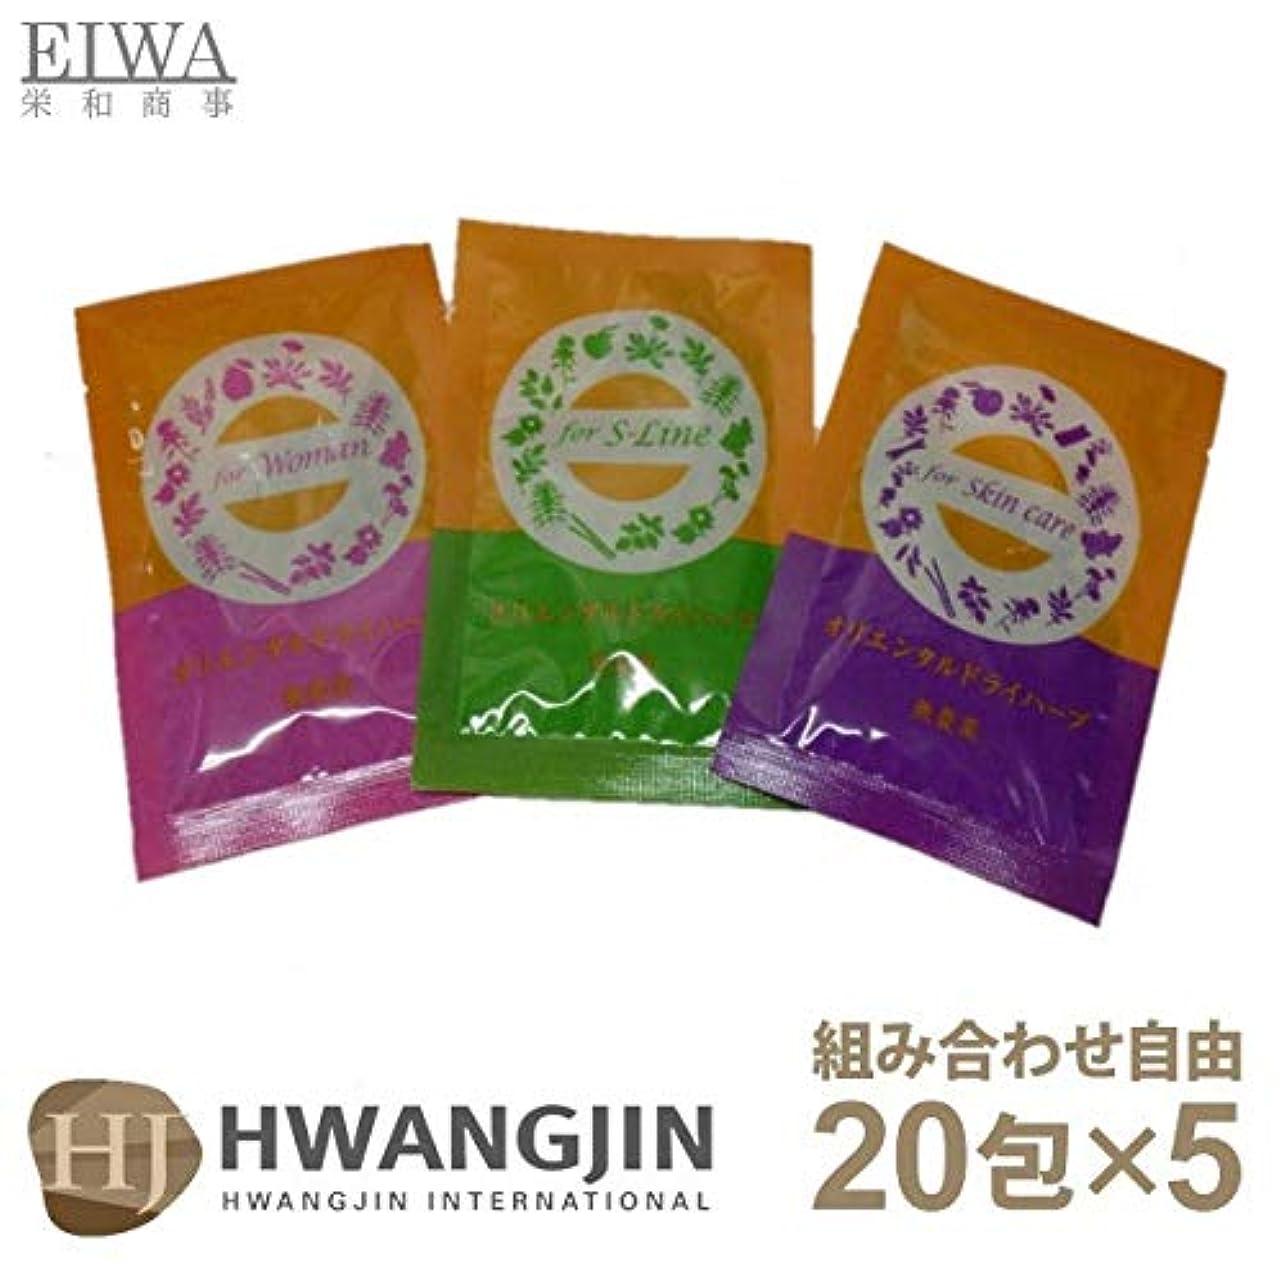 アラブサラボ運命的なスキムファンジン黄土 座浴剤 組合せ自由 3種 計5袋 (100包) 1.2kg